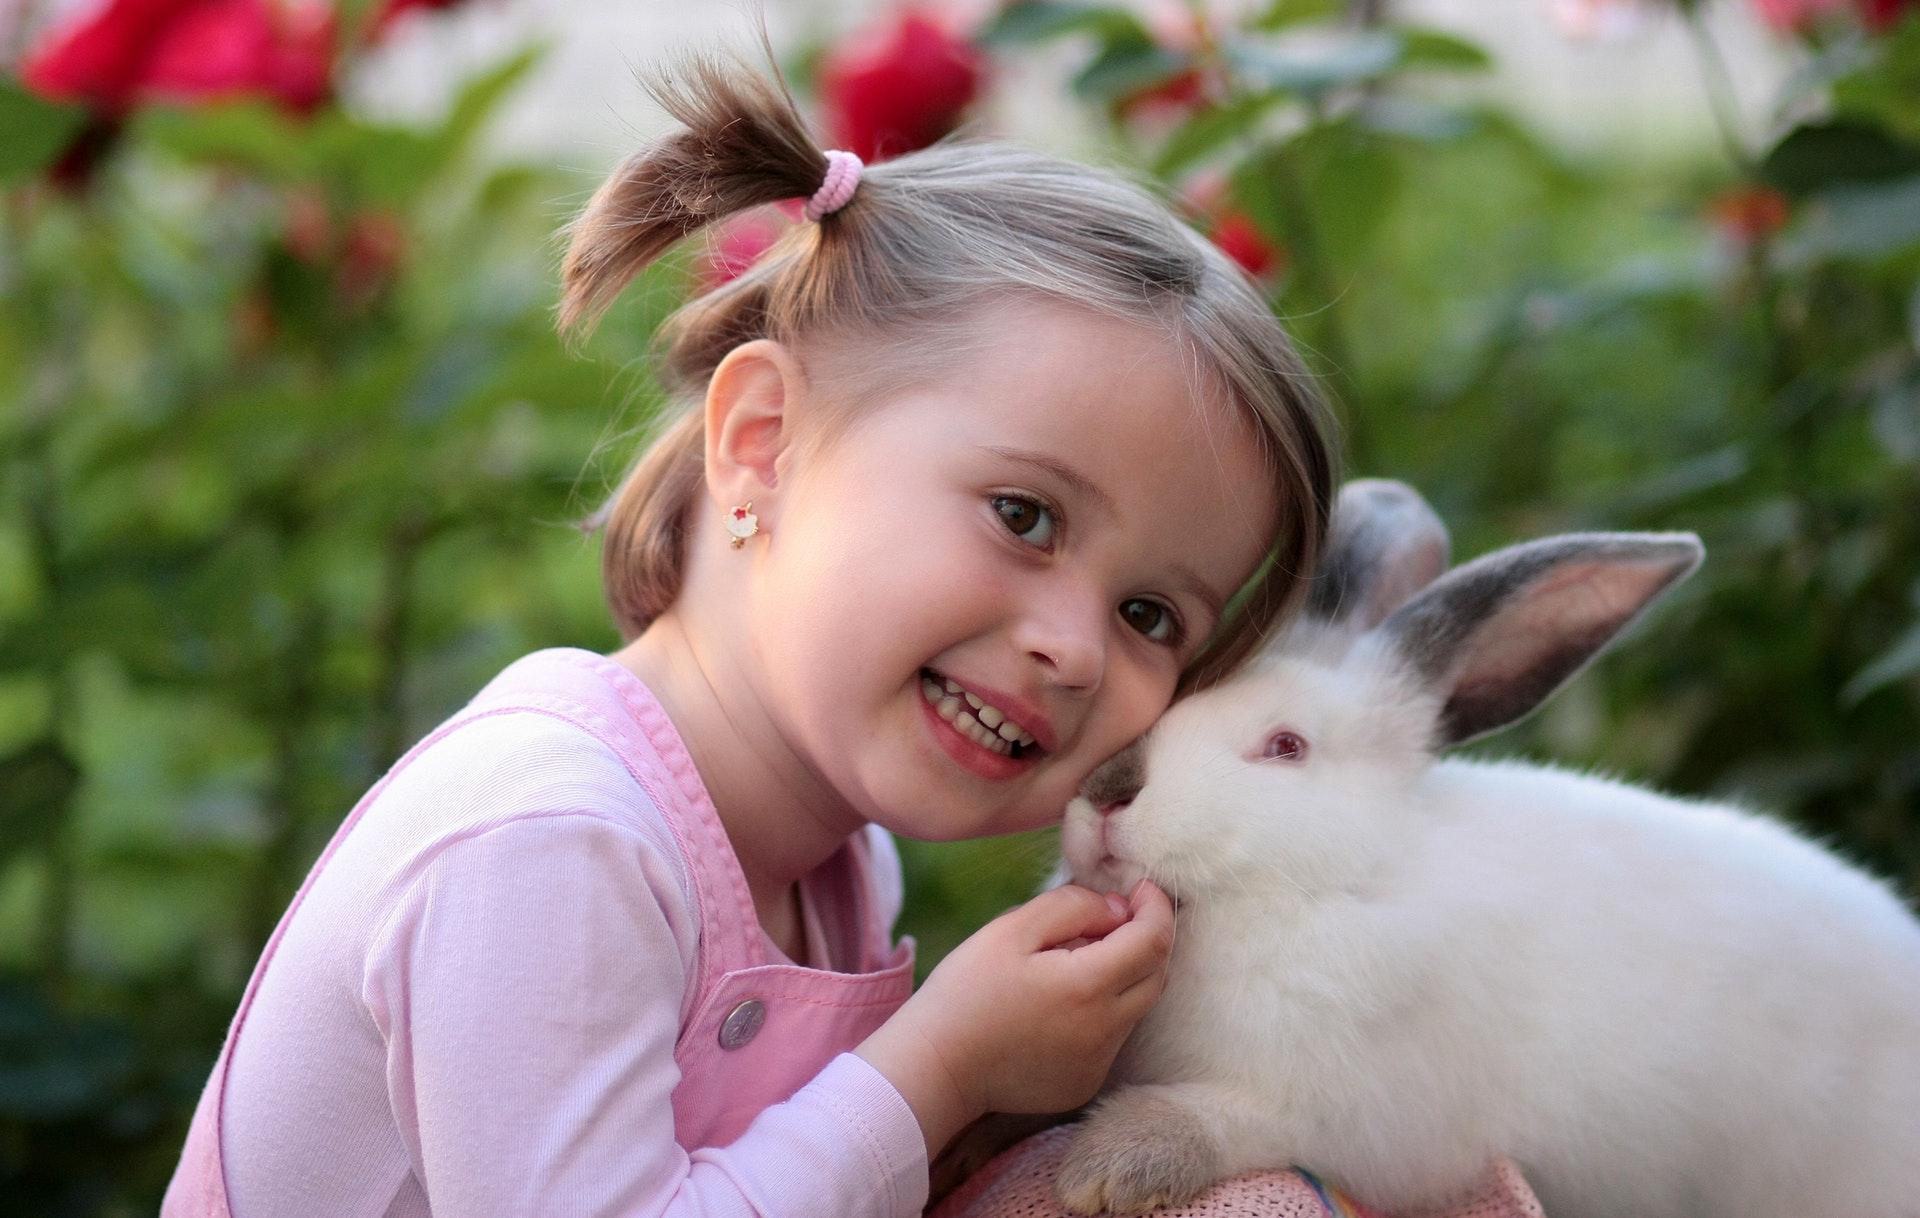 As crianças gostam de bicho de estimação como coelhos.